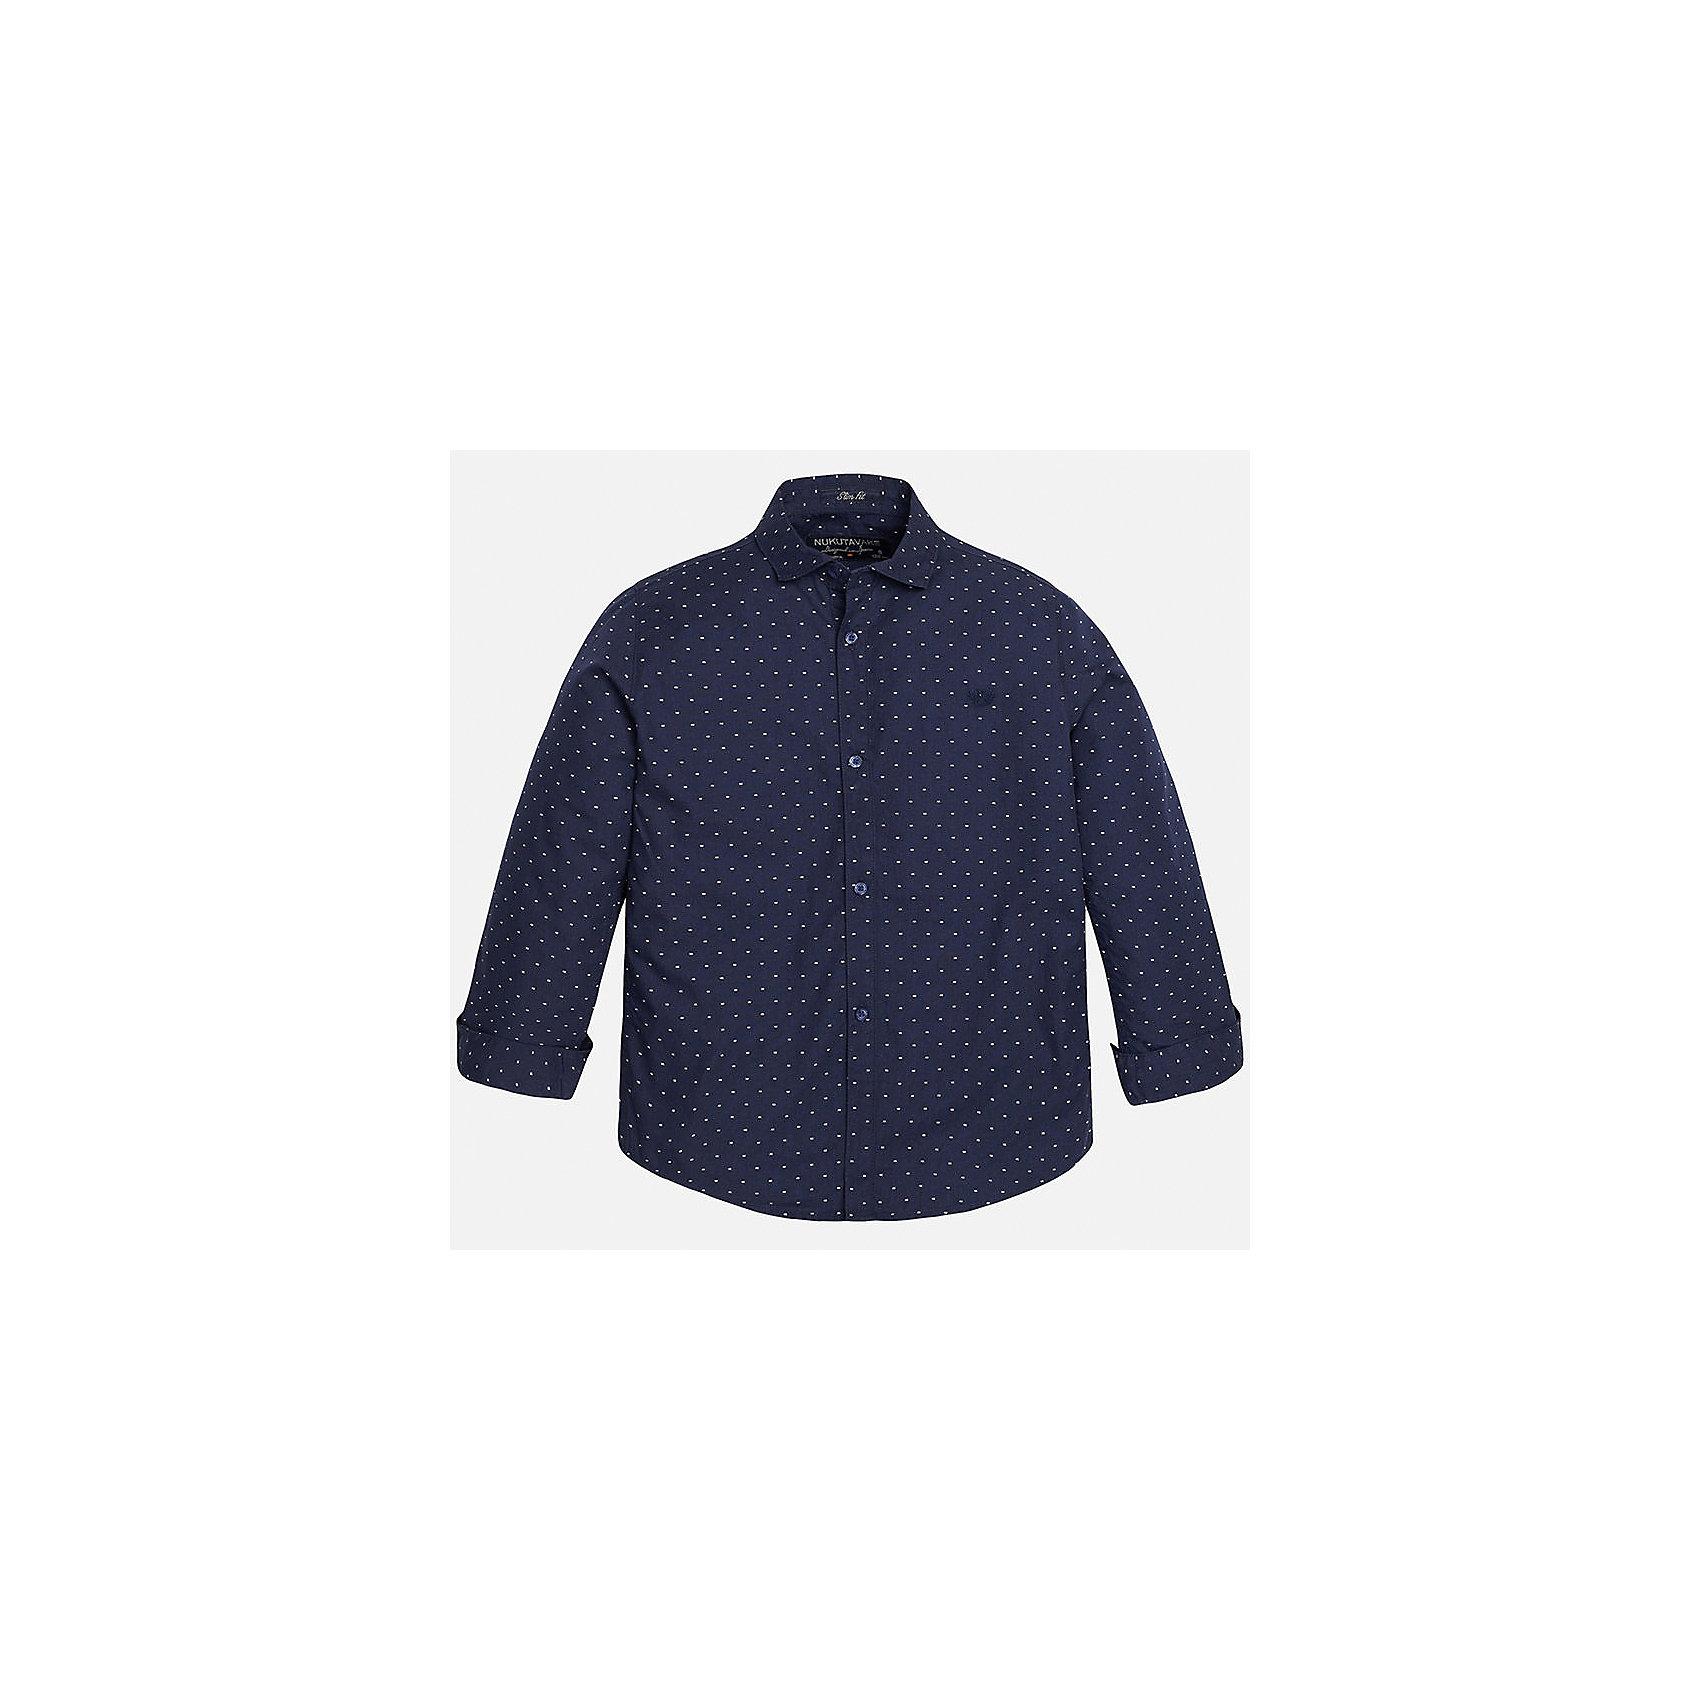 Рубашка для мальчика MayoralРубашка для мальчика из коллекции осень-зима 2016-2017 известного испанского бренда Mayoral (Майорал). Стильная и удобная рубашка на каждый день. Приятный темно-синий цвет рубашки прекрасно сочетается с белыми крапинками. Рубашка застегивается на пуговицы с дизайном и отлично подойдет как к брюкам, так и к джинсам кроме того, ее можно носить поверх футболки.<br><br>Дополнительная информация:<br><br>- Рукав: длинный<br>- Силуэт: слим-фит<br>Состав: 100% хлопок<br><br>Рубашку для мальчиков Mayoral (Майорал) можно купить в нашем интернет-магазине.<br><br>Подробнее:<br>• Для детей в возрасте: от 10 до 14 лет<br>• Номер товара: 4826899<br>Страна производитель: Индия<br><br>Ширина мм: 174<br>Глубина мм: 10<br>Высота мм: 169<br>Вес г: 157<br>Цвет: синий<br>Возраст от месяцев: 132<br>Возраст до месяцев: 144<br>Пол: Мужской<br>Возраст: Детский<br>Размер: 146/152,164/170,128/134,140/146,158/164,158/164<br>SKU: 4826898